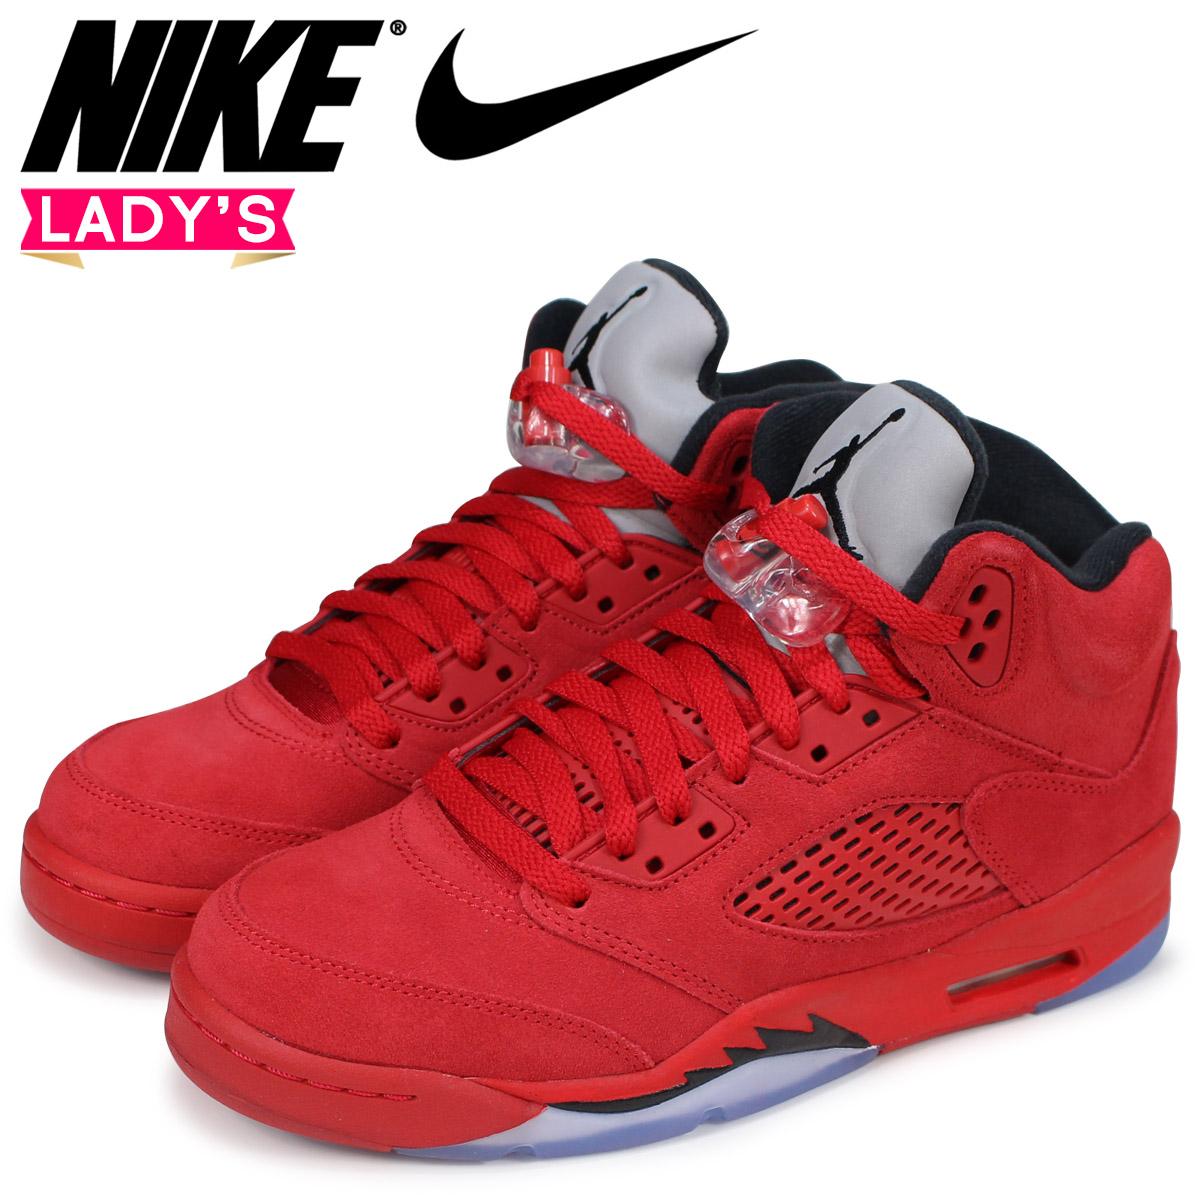 NIKE Nike Air Jordan 5 nostalgic lady s sneakers AIR JORDAN 5 RETRO BG  440 d2e29c2e5